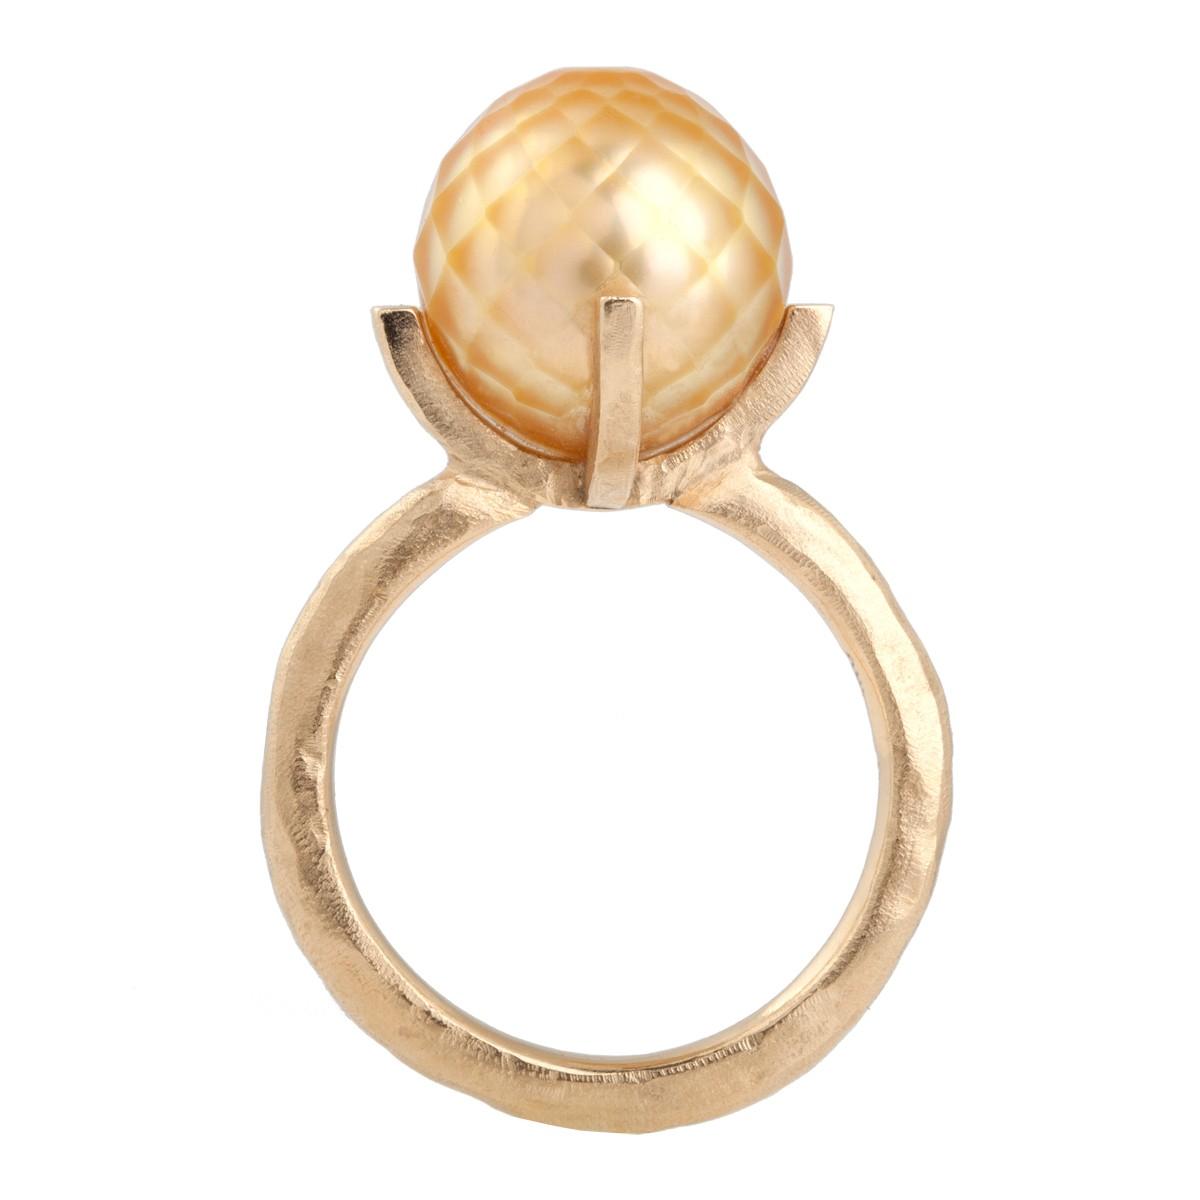 Barok Ring 14K Guld